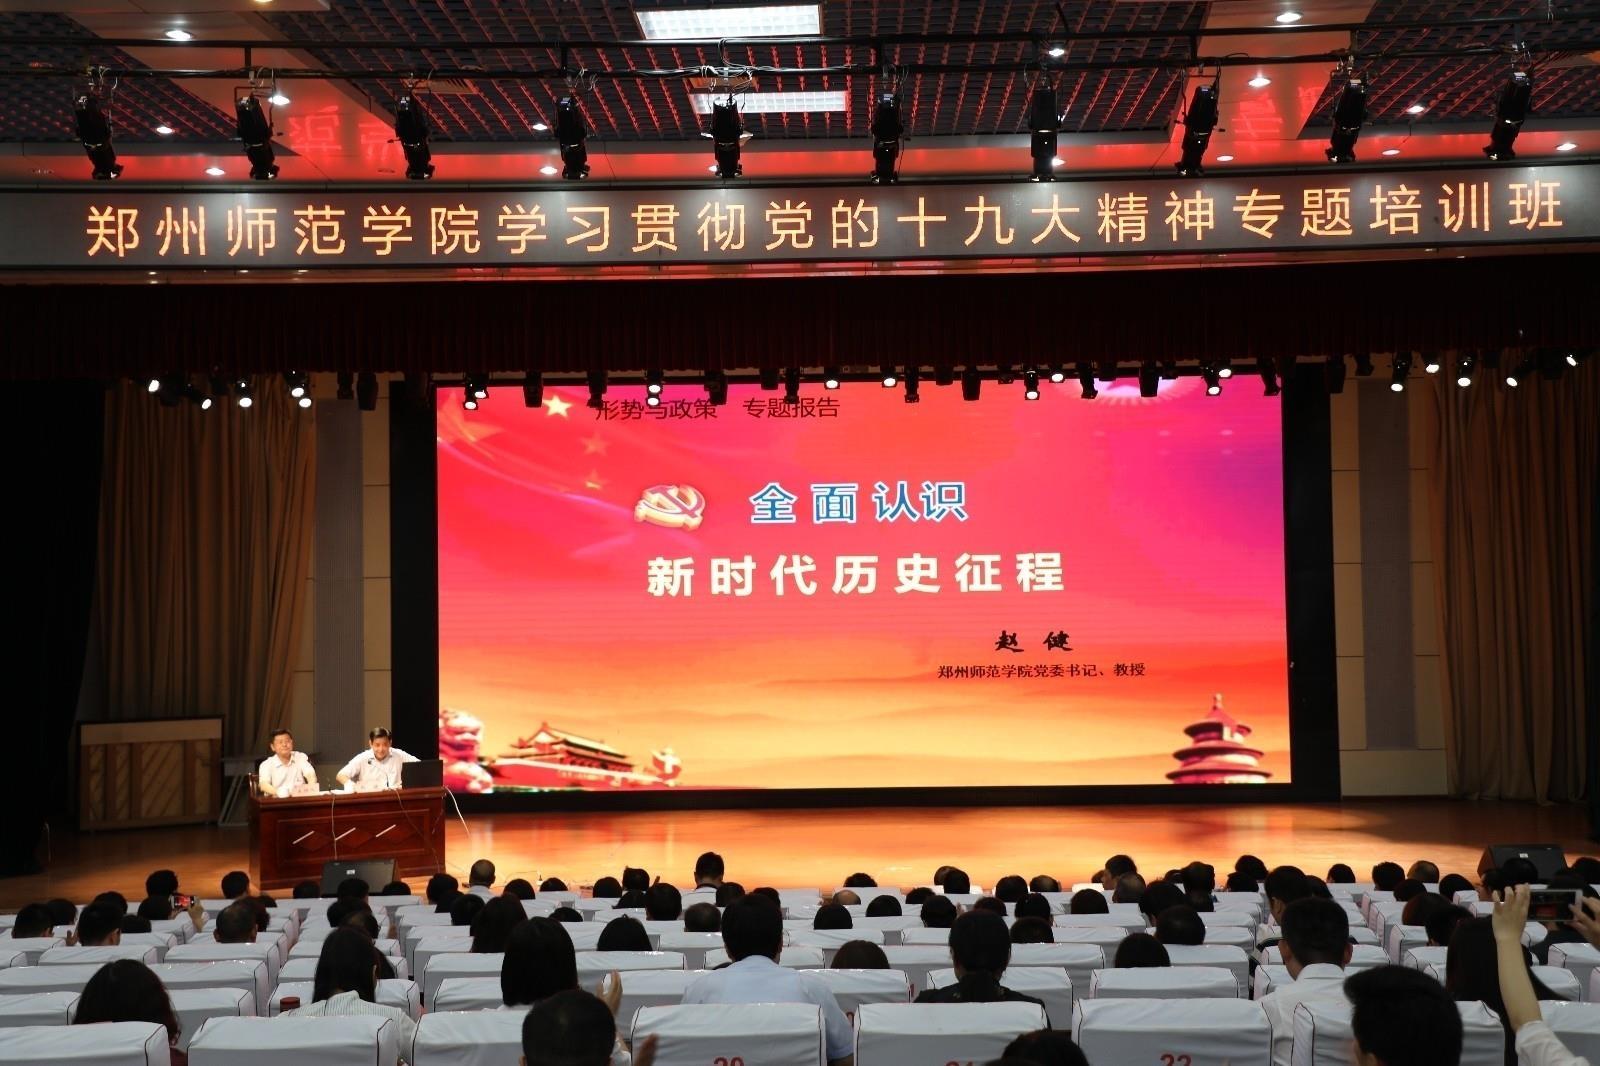 赵健书记为我校学习贯彻党的十九大精神培训班作辅导报